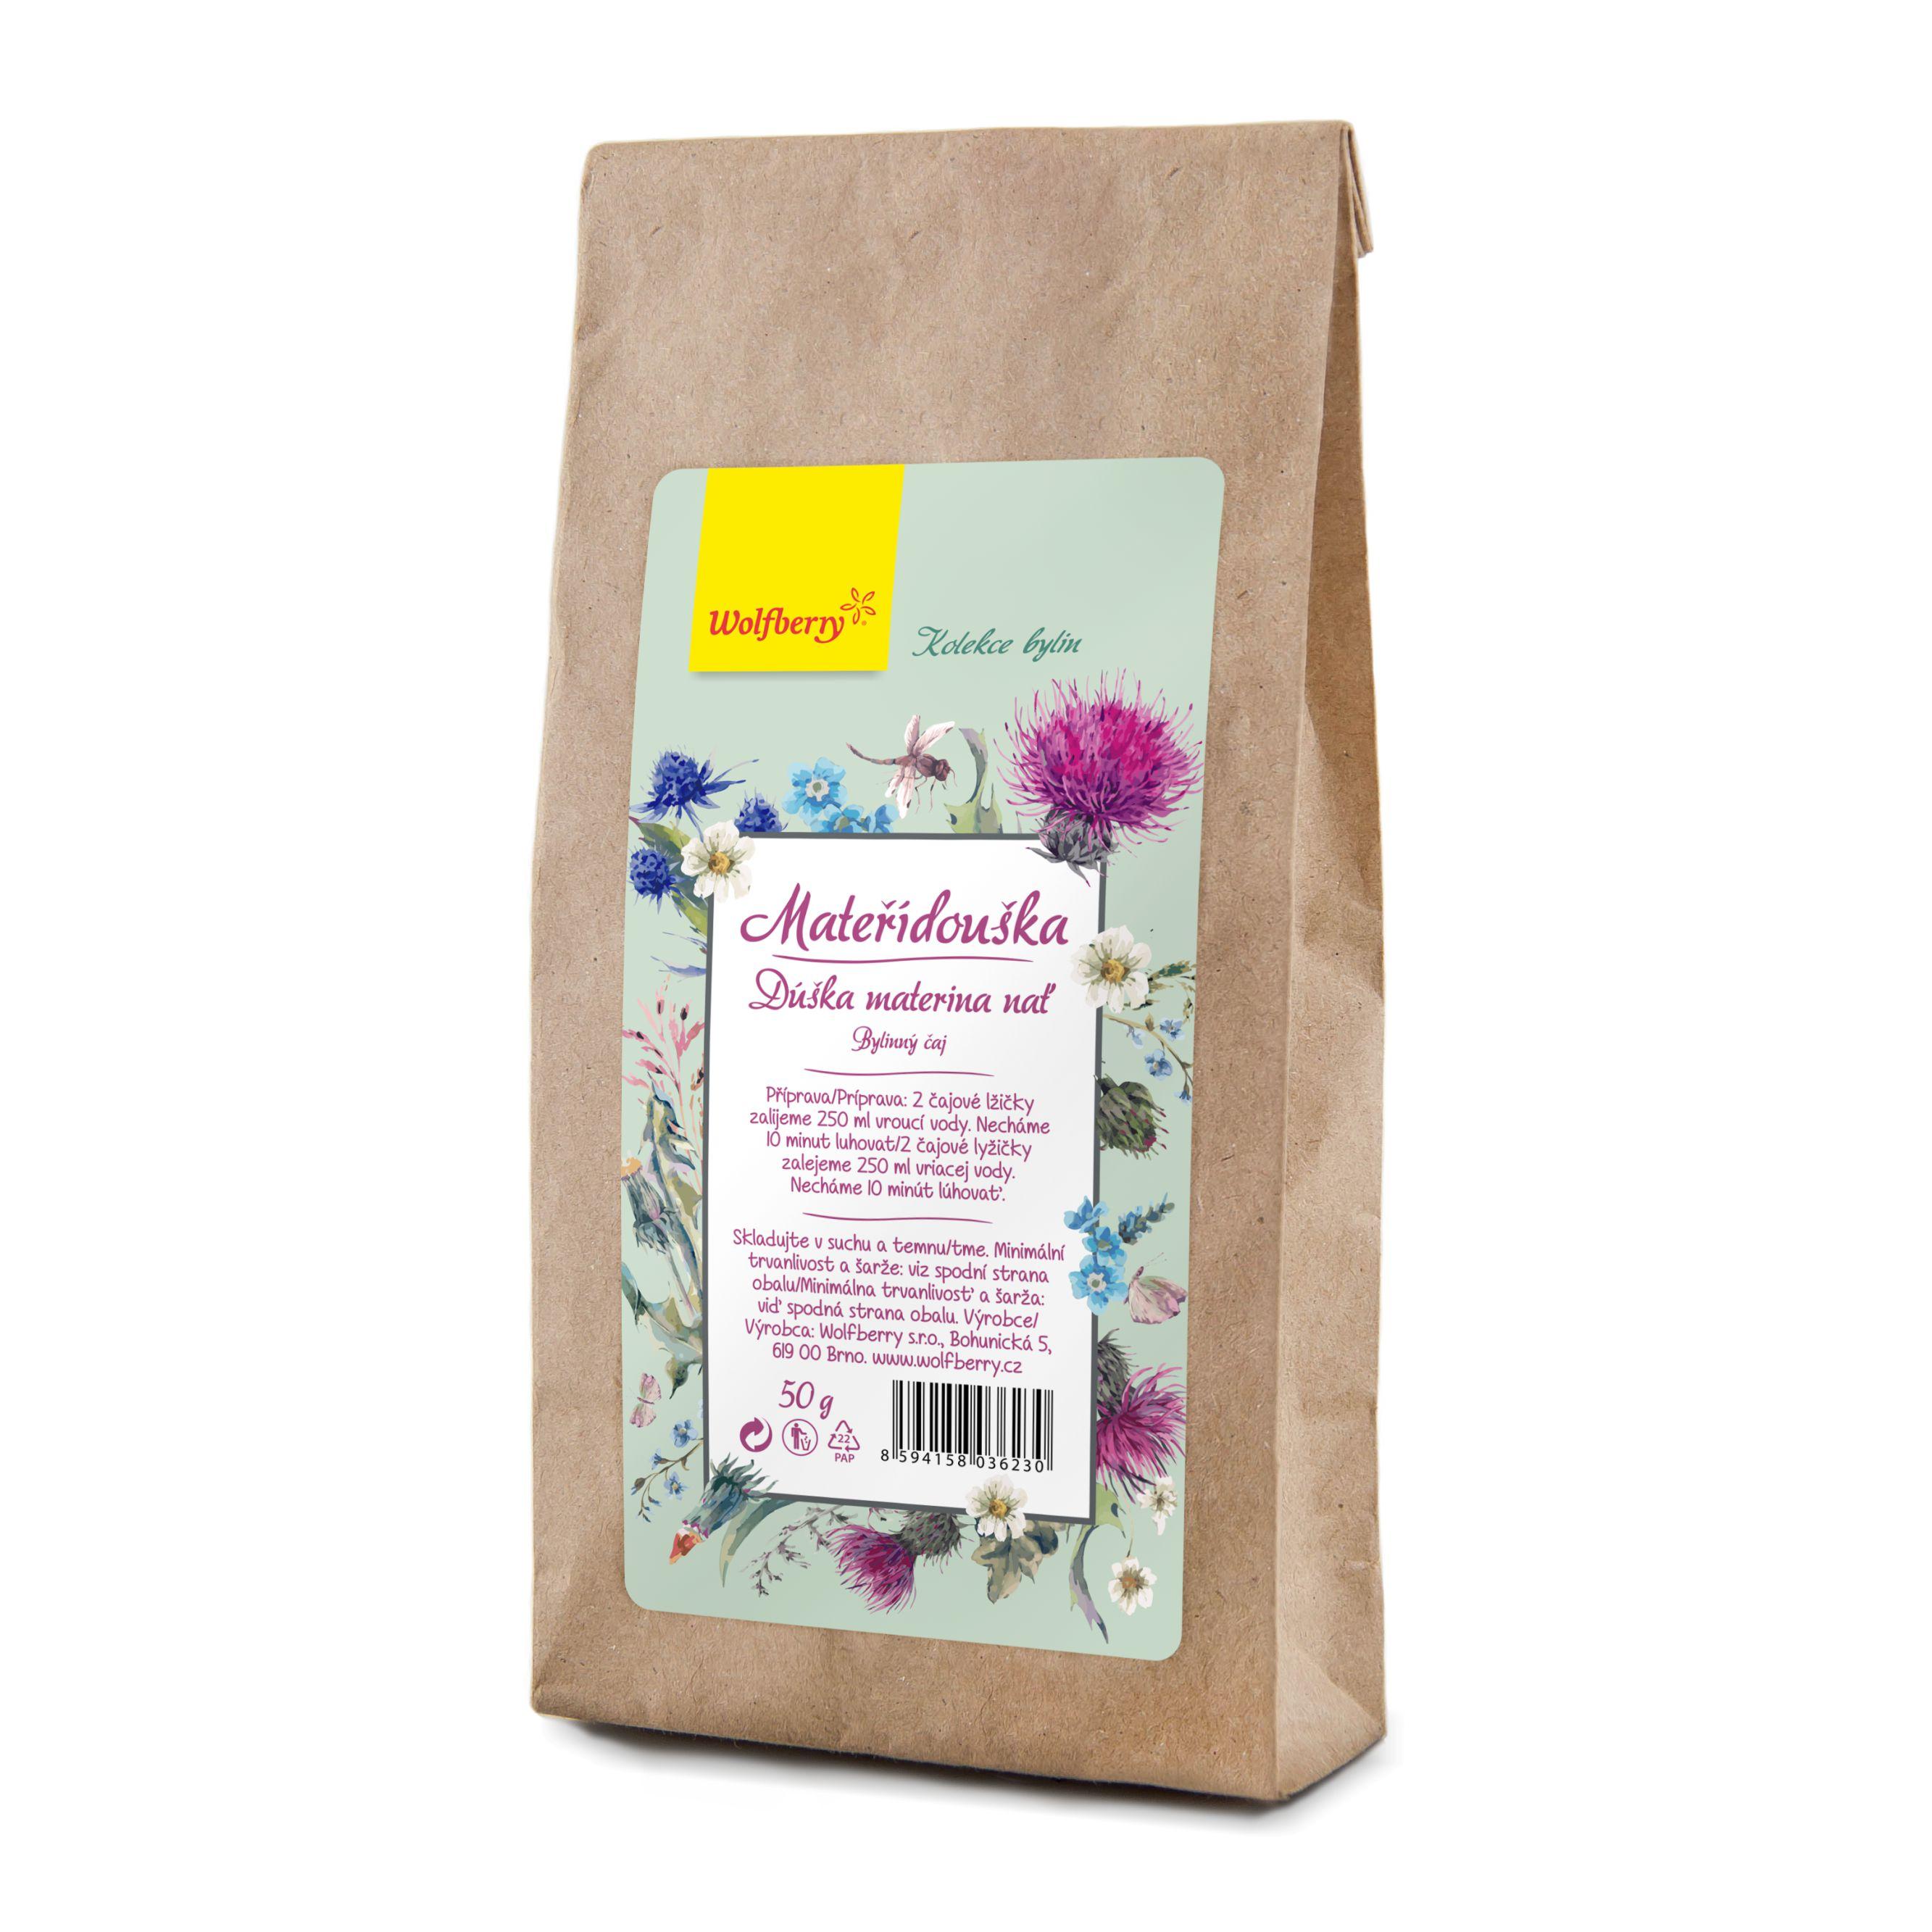 Wolfberry Mateřídouška nať bylinný čaj 50 g Wolfberry 50g